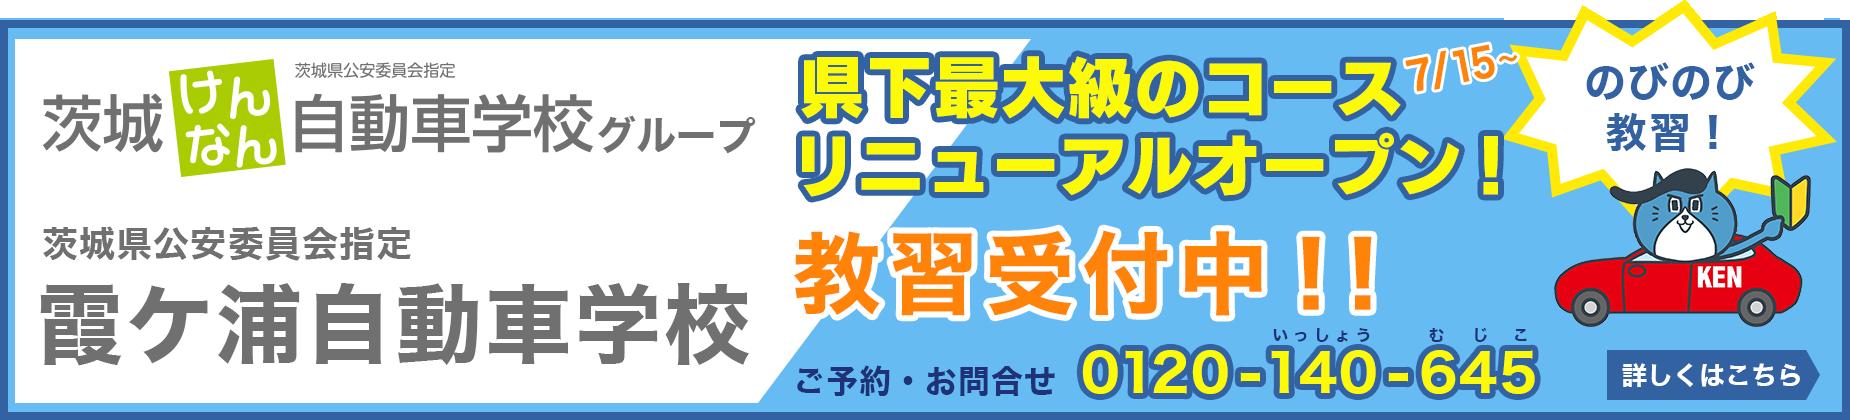 霞ケ浦自動車学校リニューアルオープン